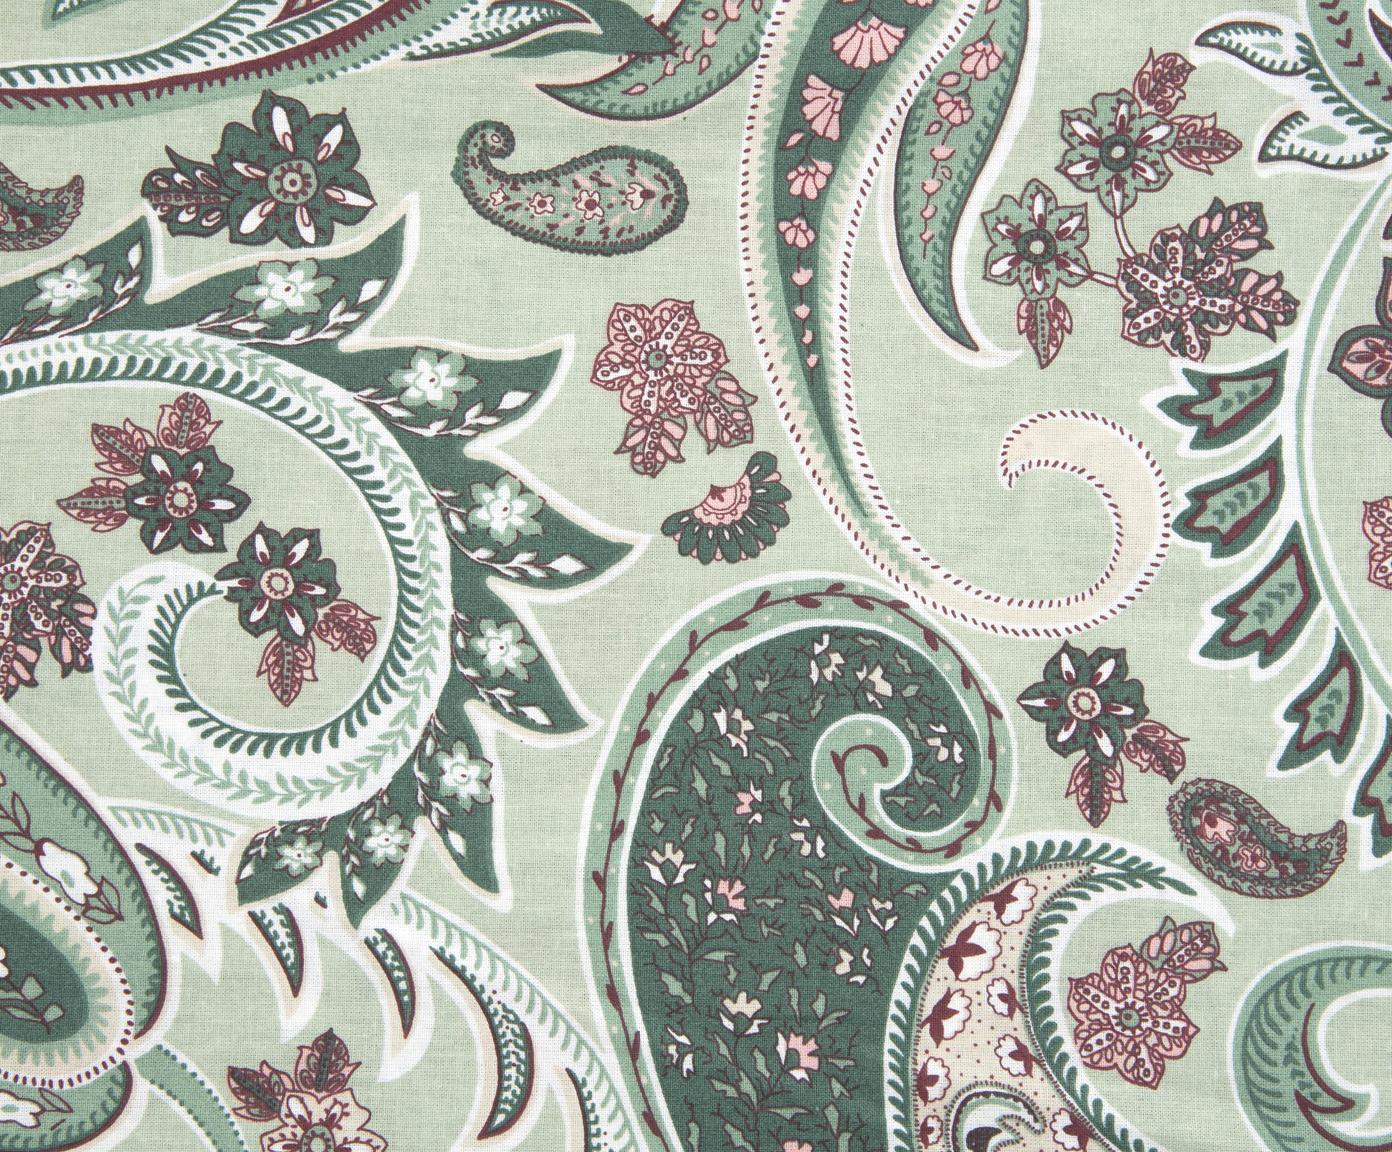 Pościel z bawełny renforcé Liana, Zielony, wielobarwny, 240 x 220 cm